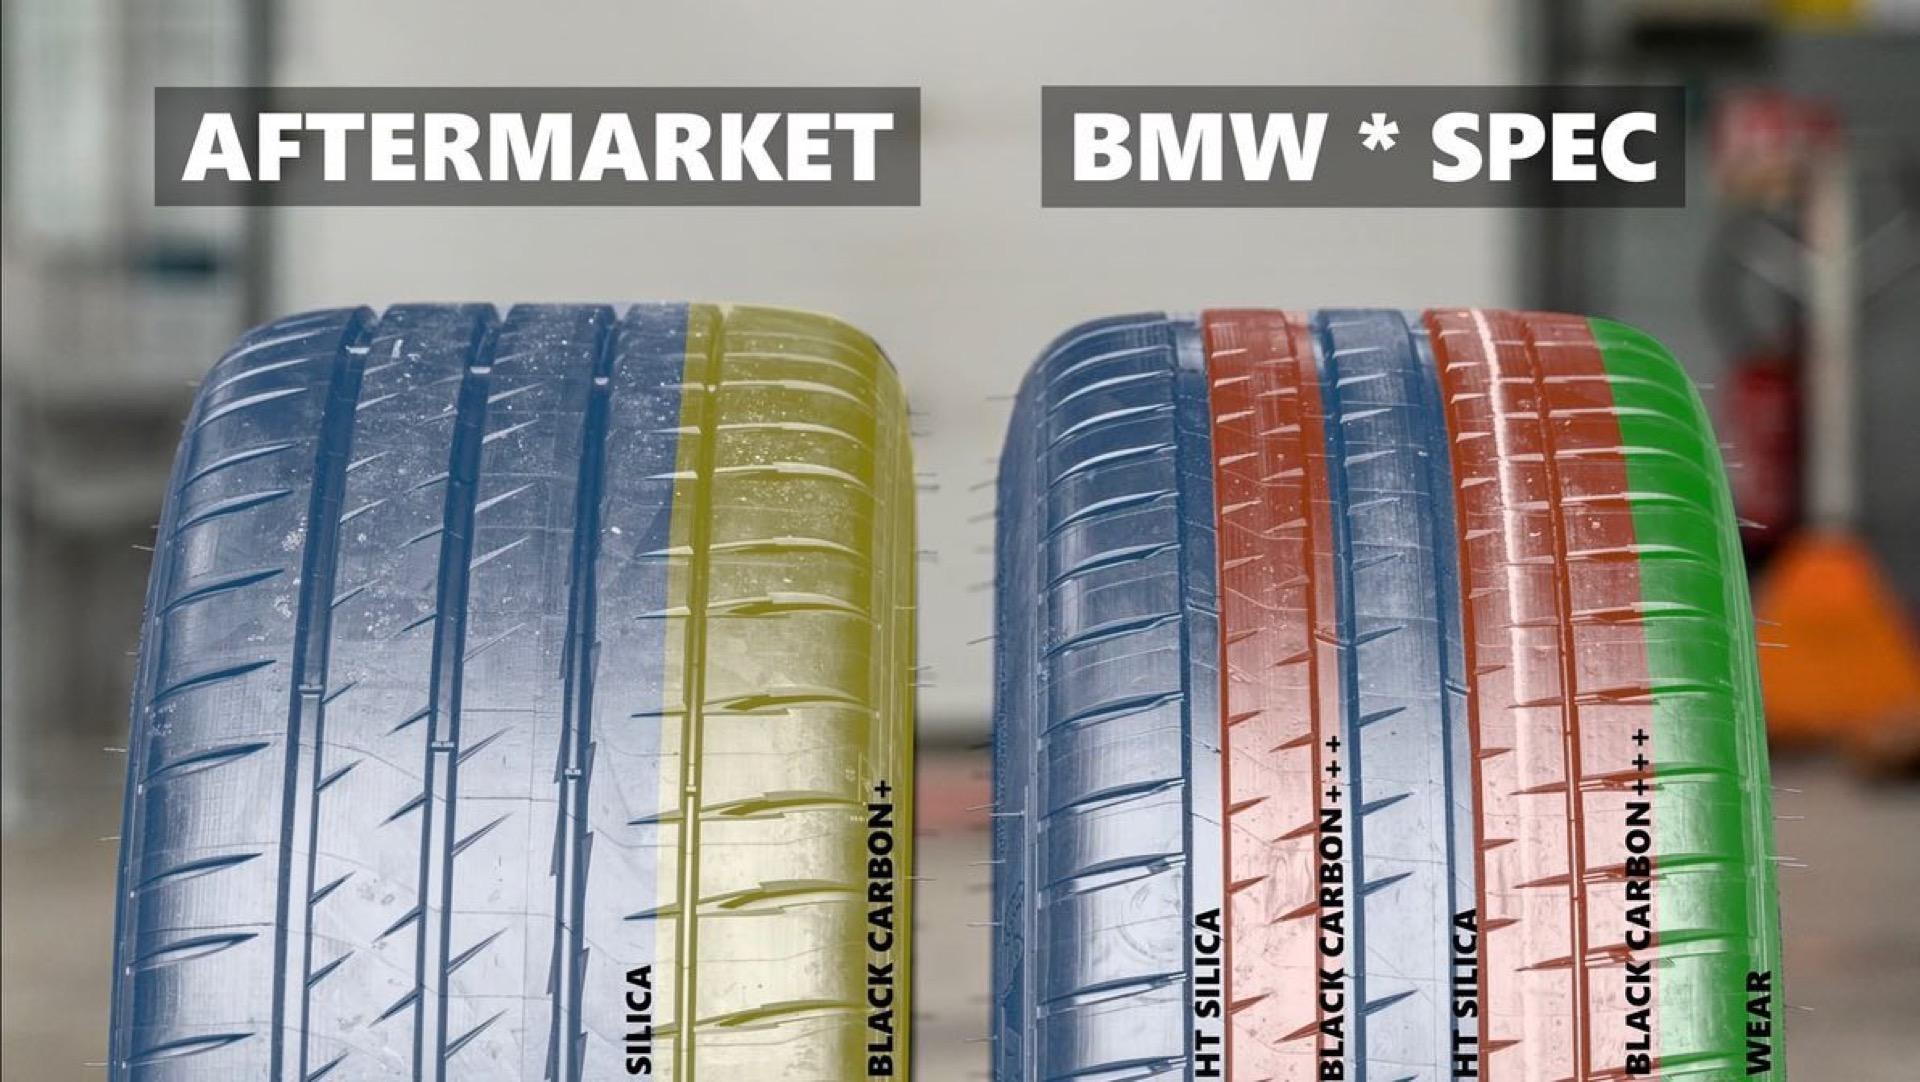 Michelin Pilot Sport 4s Vs 4spilot Sport 4s 3.jpg 1